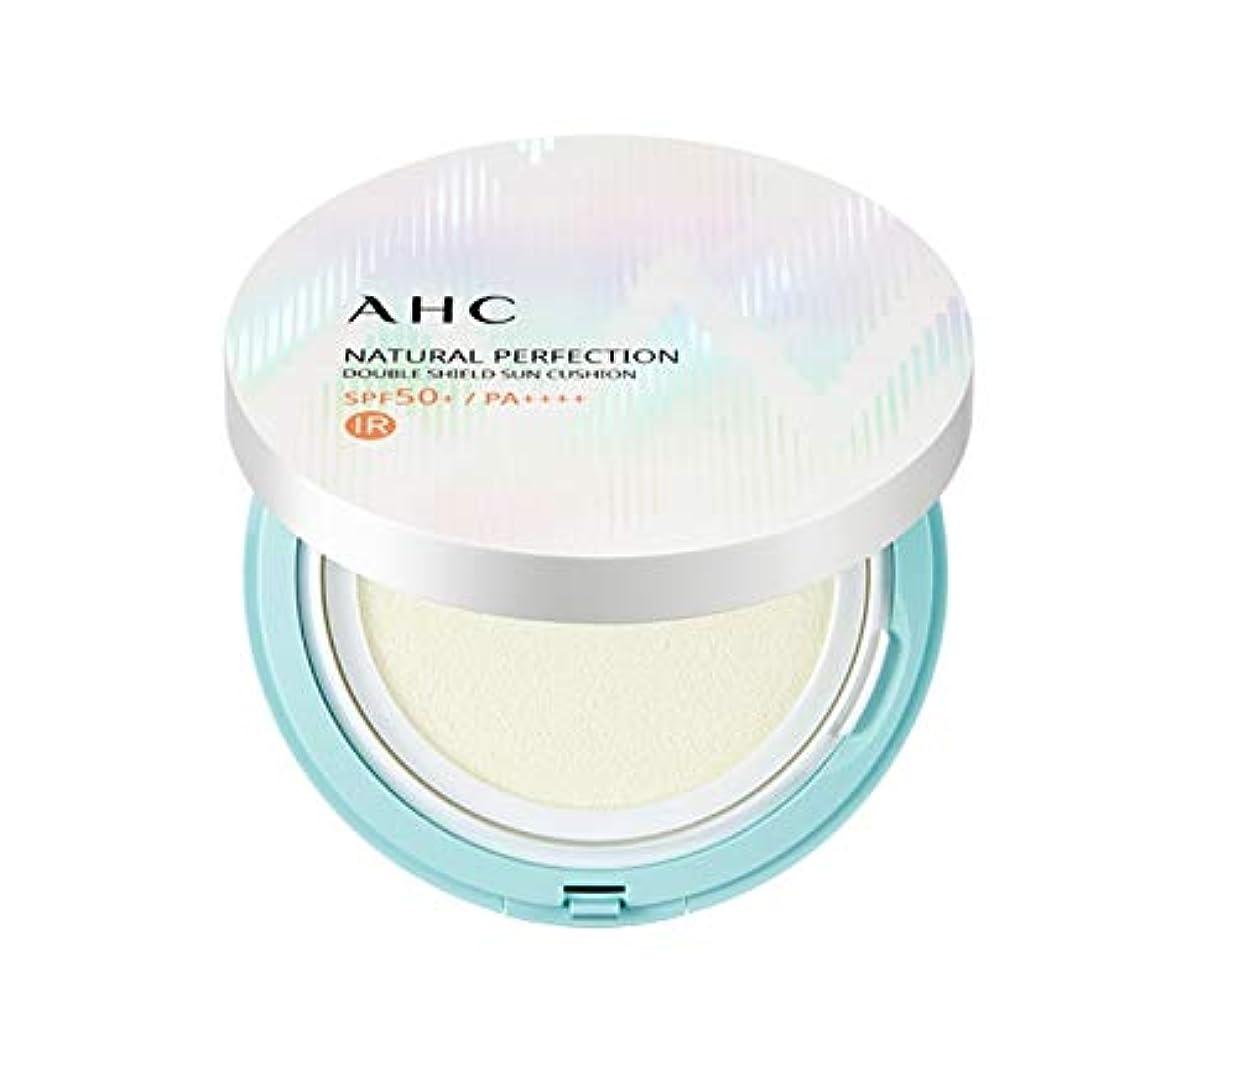 ピクニック排気タイプライターAHC ナチュラルパーフェクションダブルシールド線クッション ホワイト 25g / AHC NATURAL PERFECTION DOUBLE SHIELD SUN CUSHION WHITE [並行輸入品]